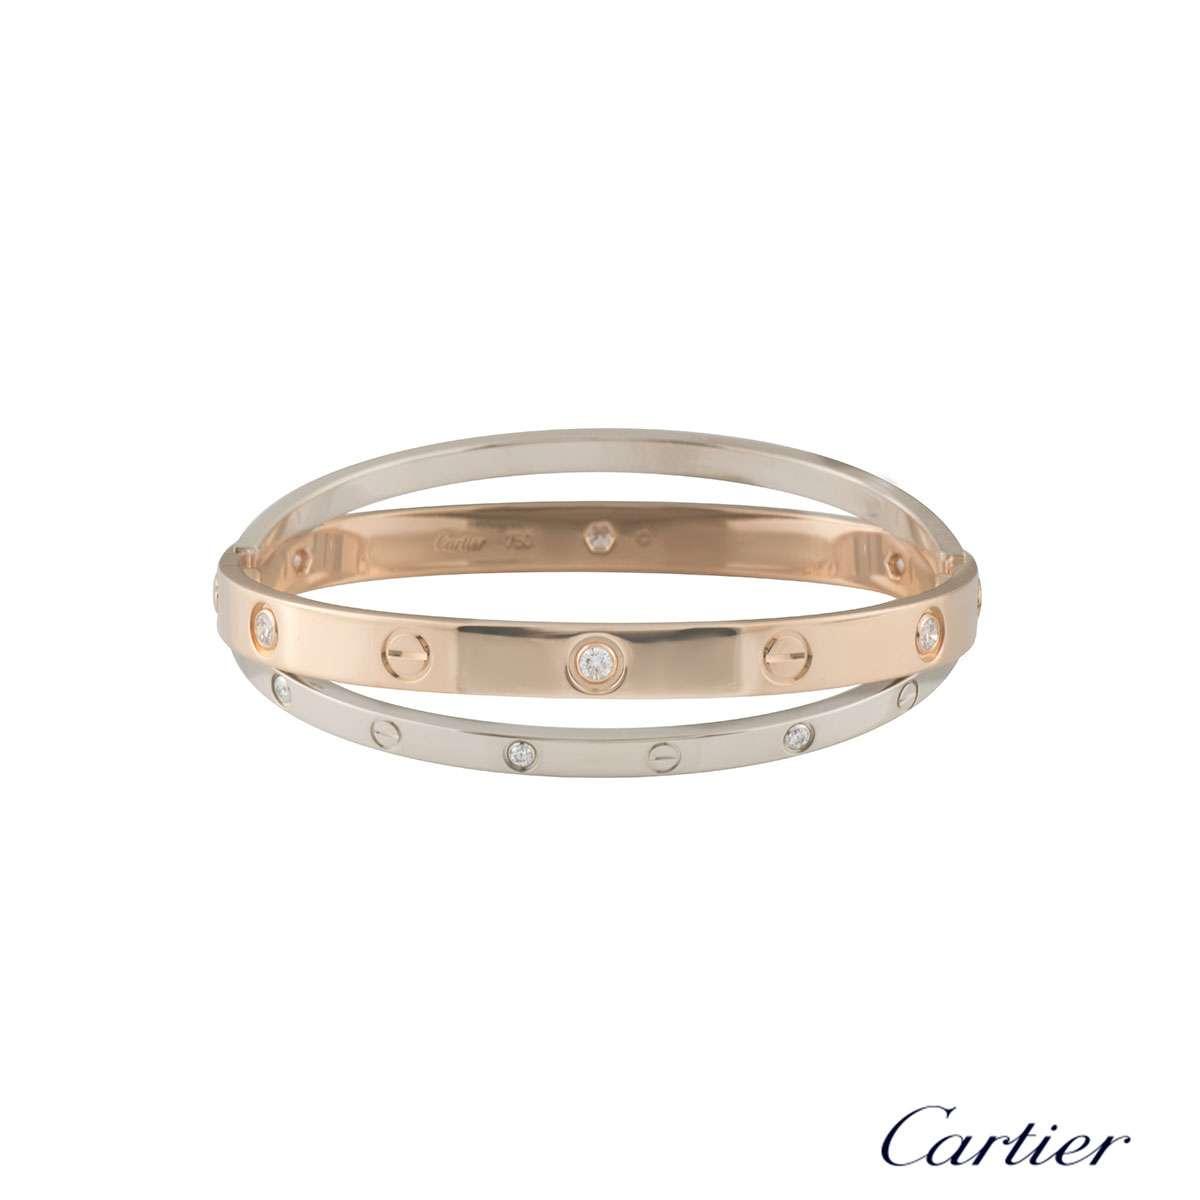 Cartier Love Rose & White Gold Diamond Bracelet Size 17 N6039117